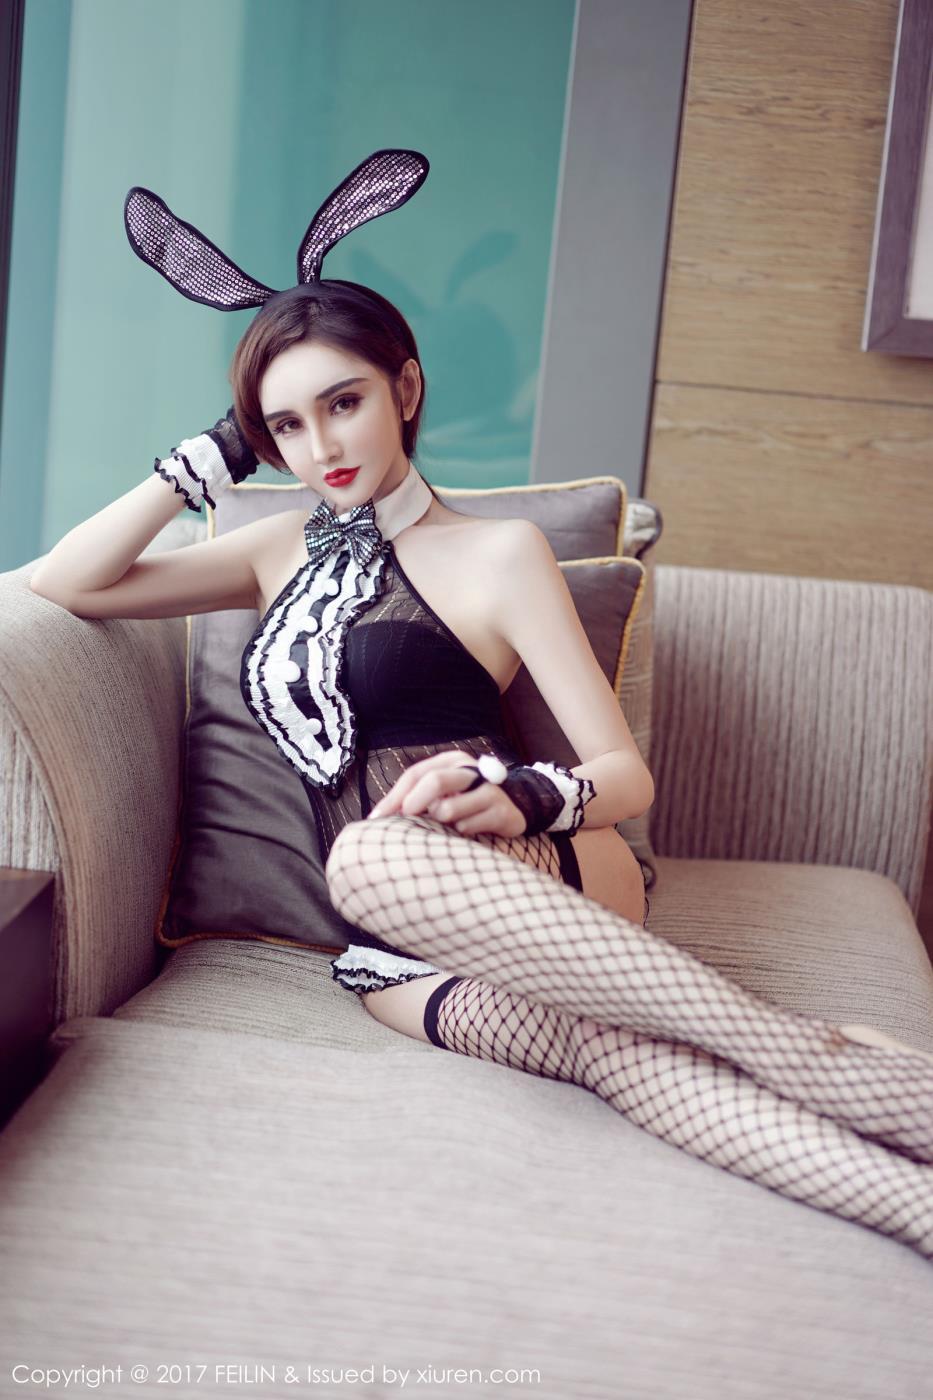 嗲囡囡模特waya小帝姬性感兔女郎丝袜美腿写真套图